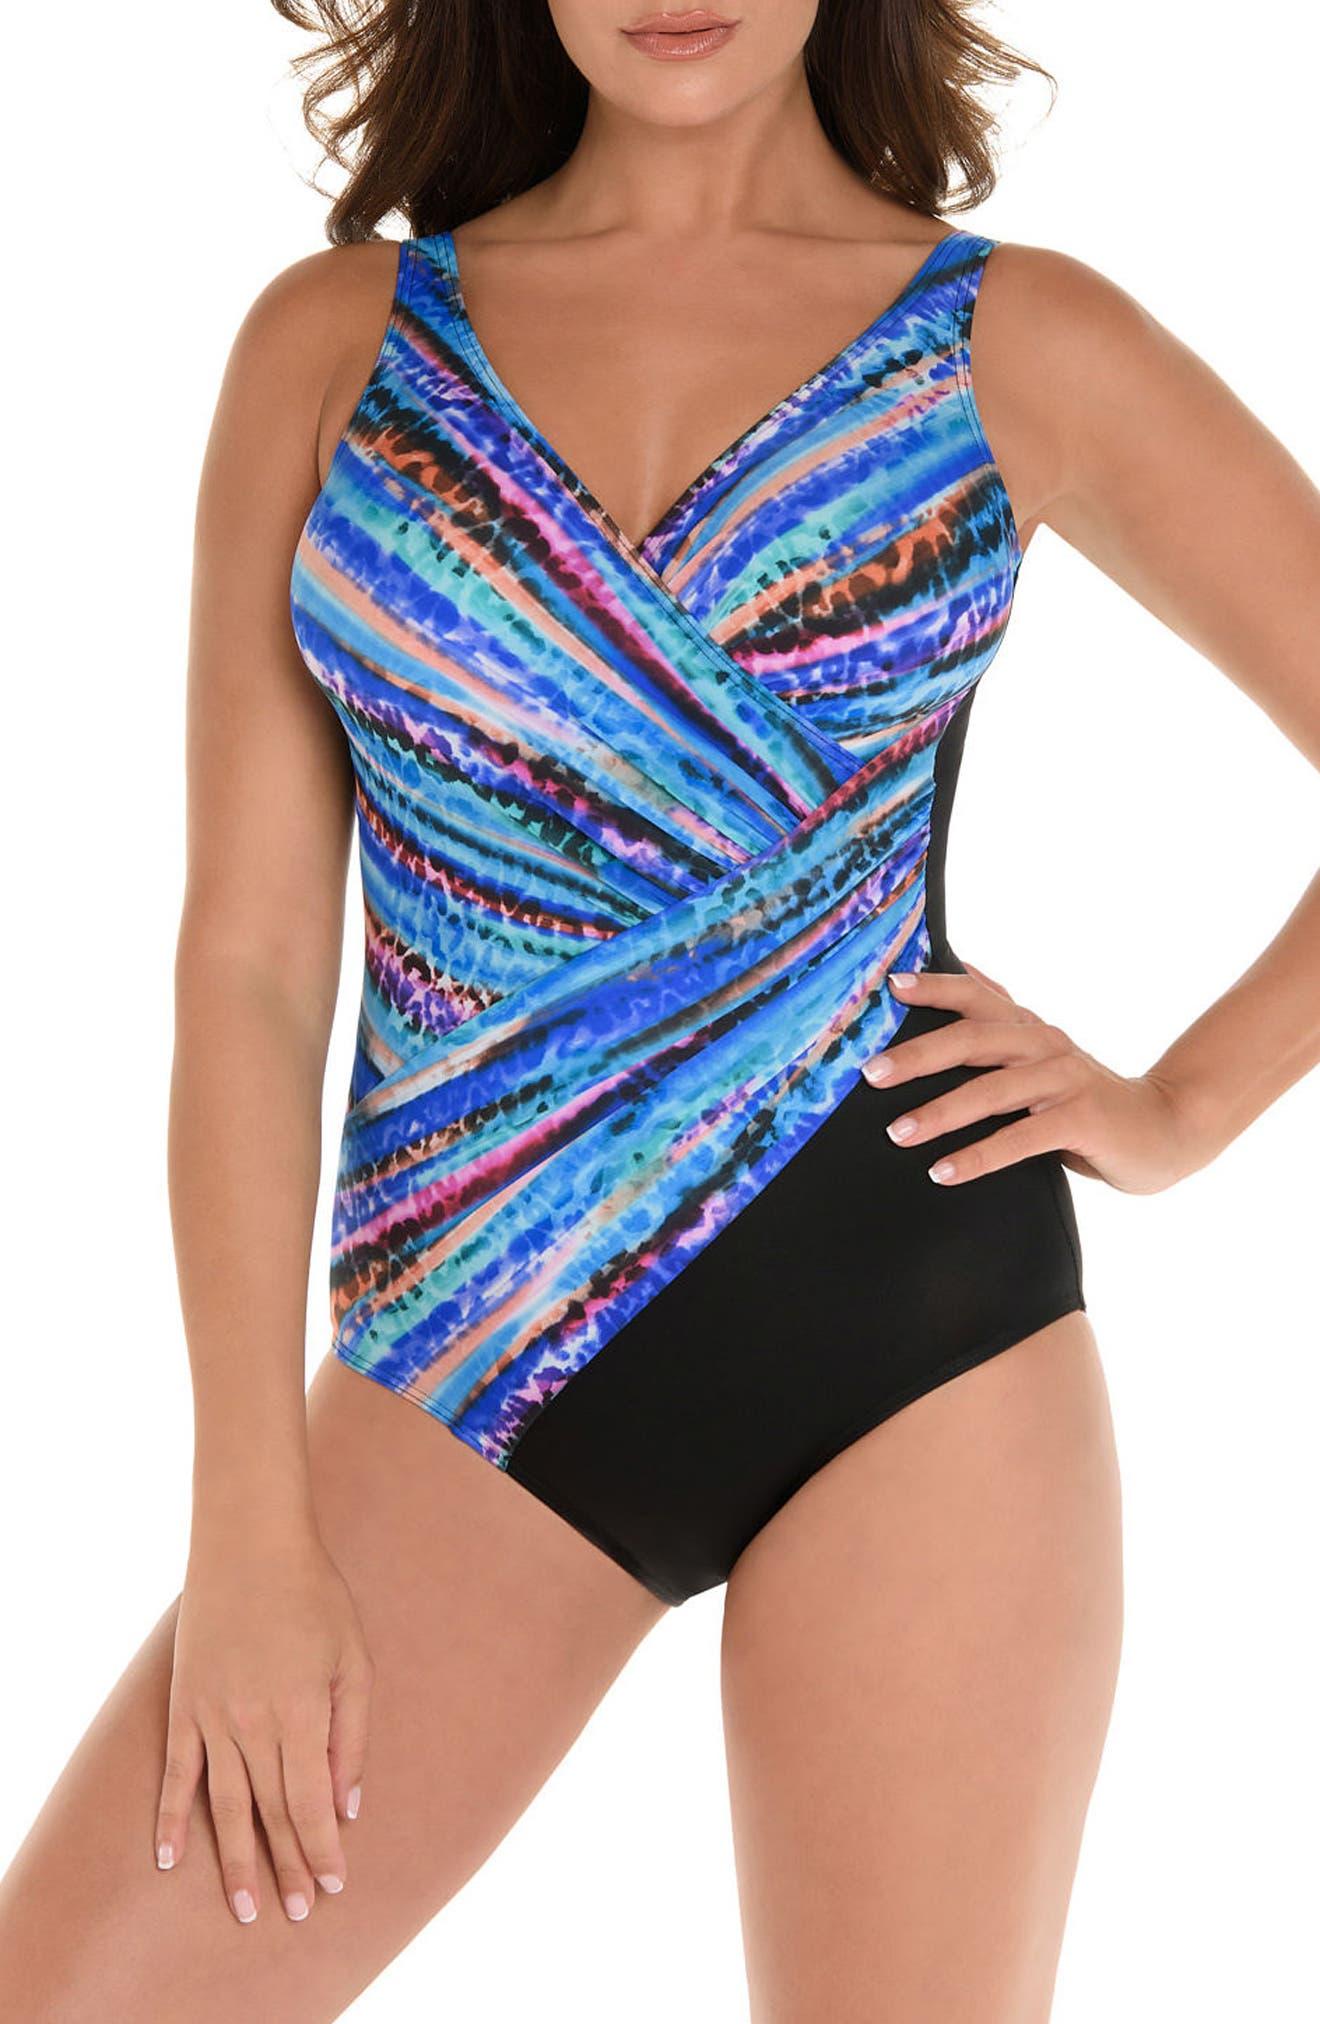 Animal Spectrum Oceanus One-Piece Swimsuit,                             Main thumbnail 1, color,                             MULTI